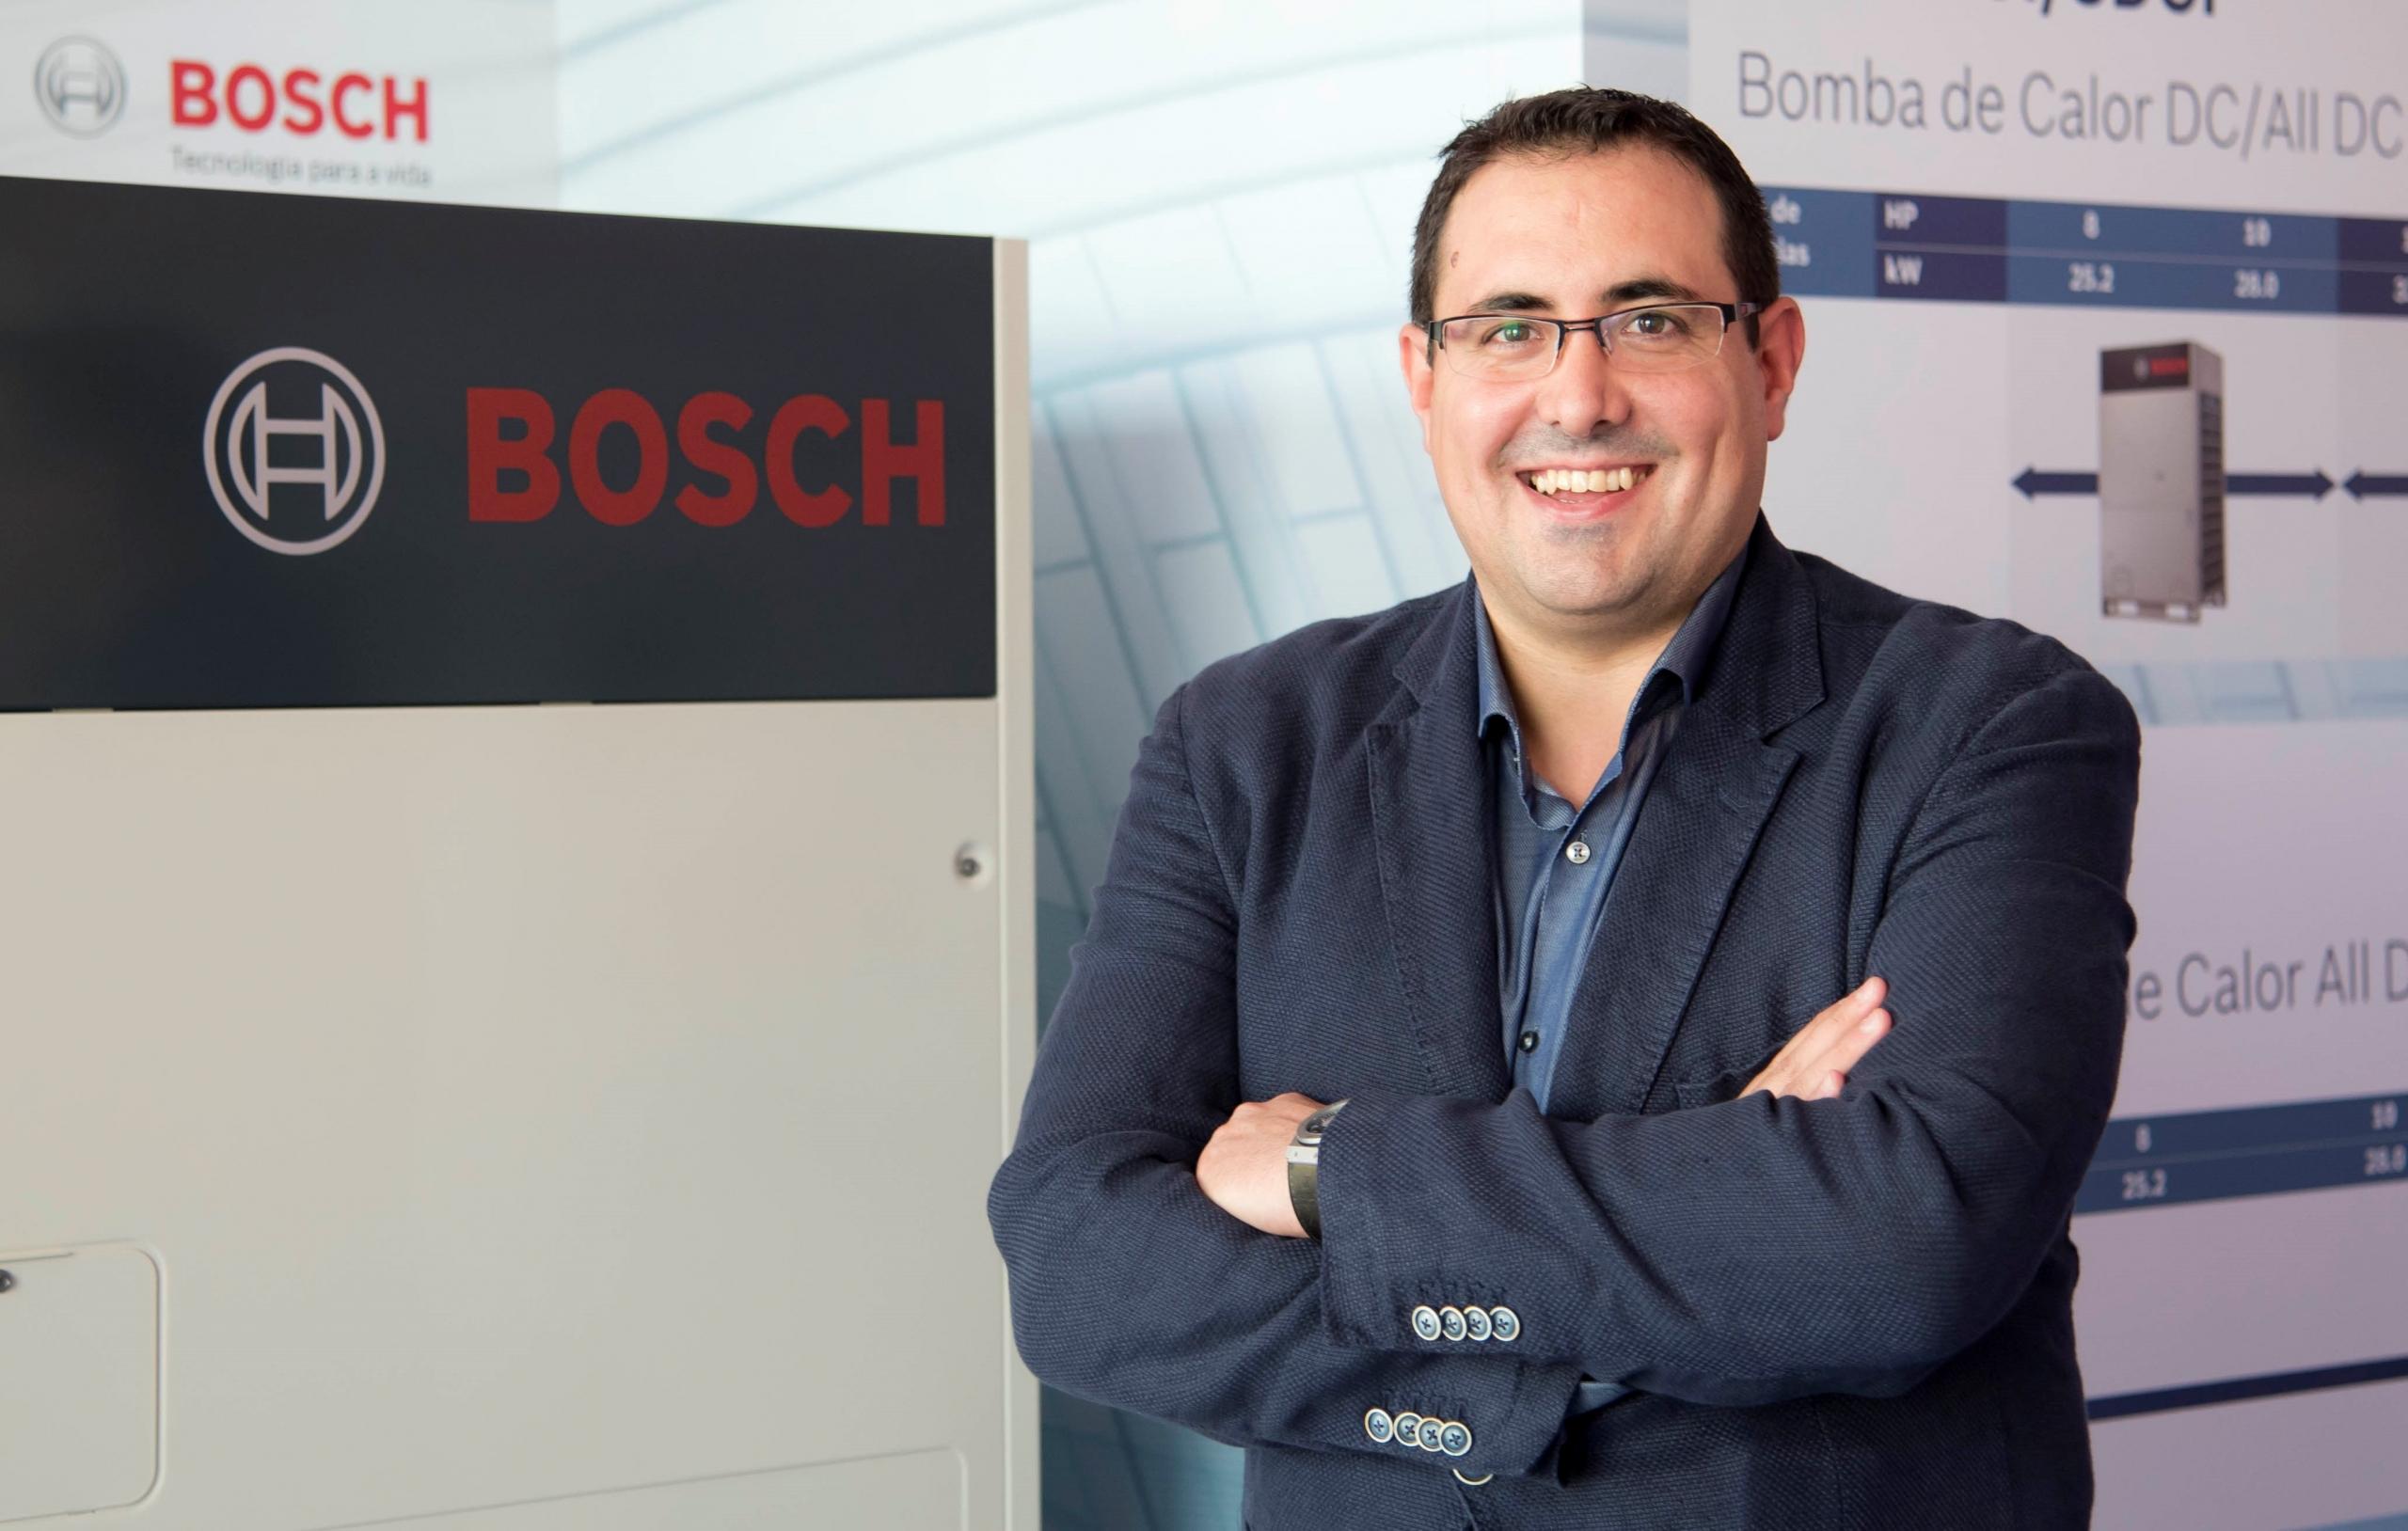 Antonio Barrón, nuevo Jefe de Ventas de la Zona Centro-Sur para Calefacción y Aire Acondicionado Comercial de Bosch Termotecnia España